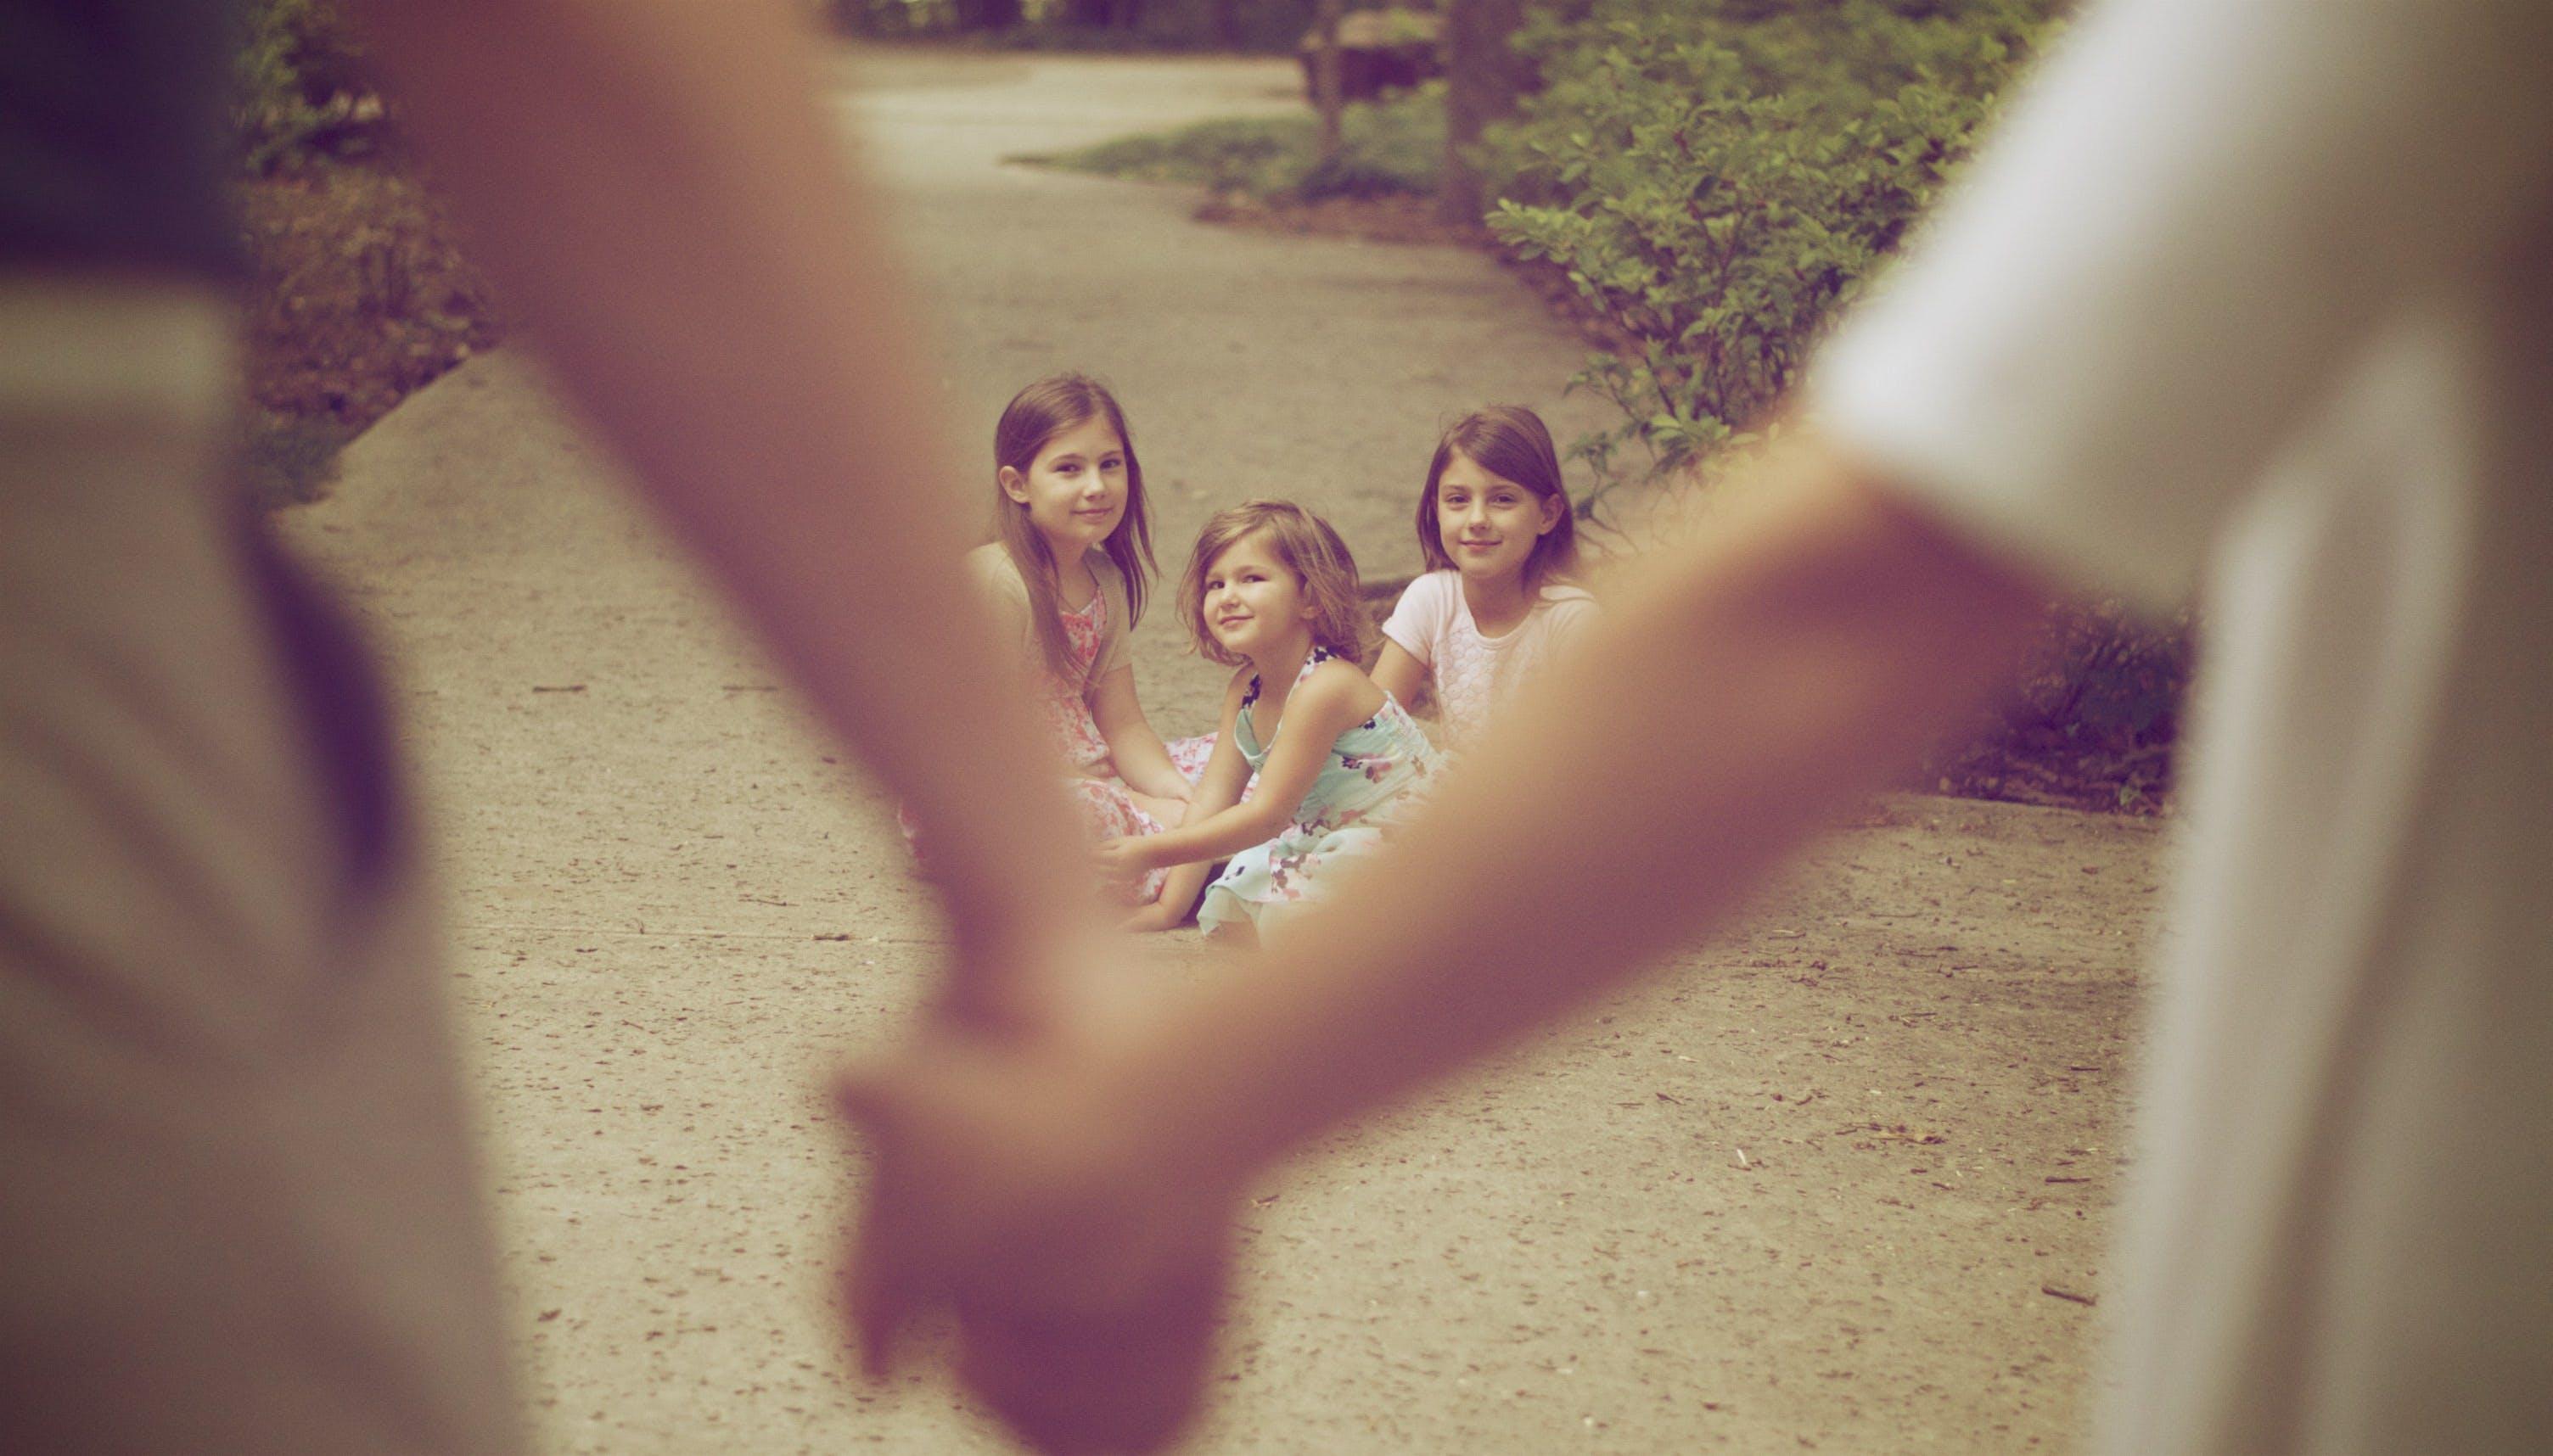 Fotos de stock gratuitas de abrazando, abrazos, al aire libre, amor